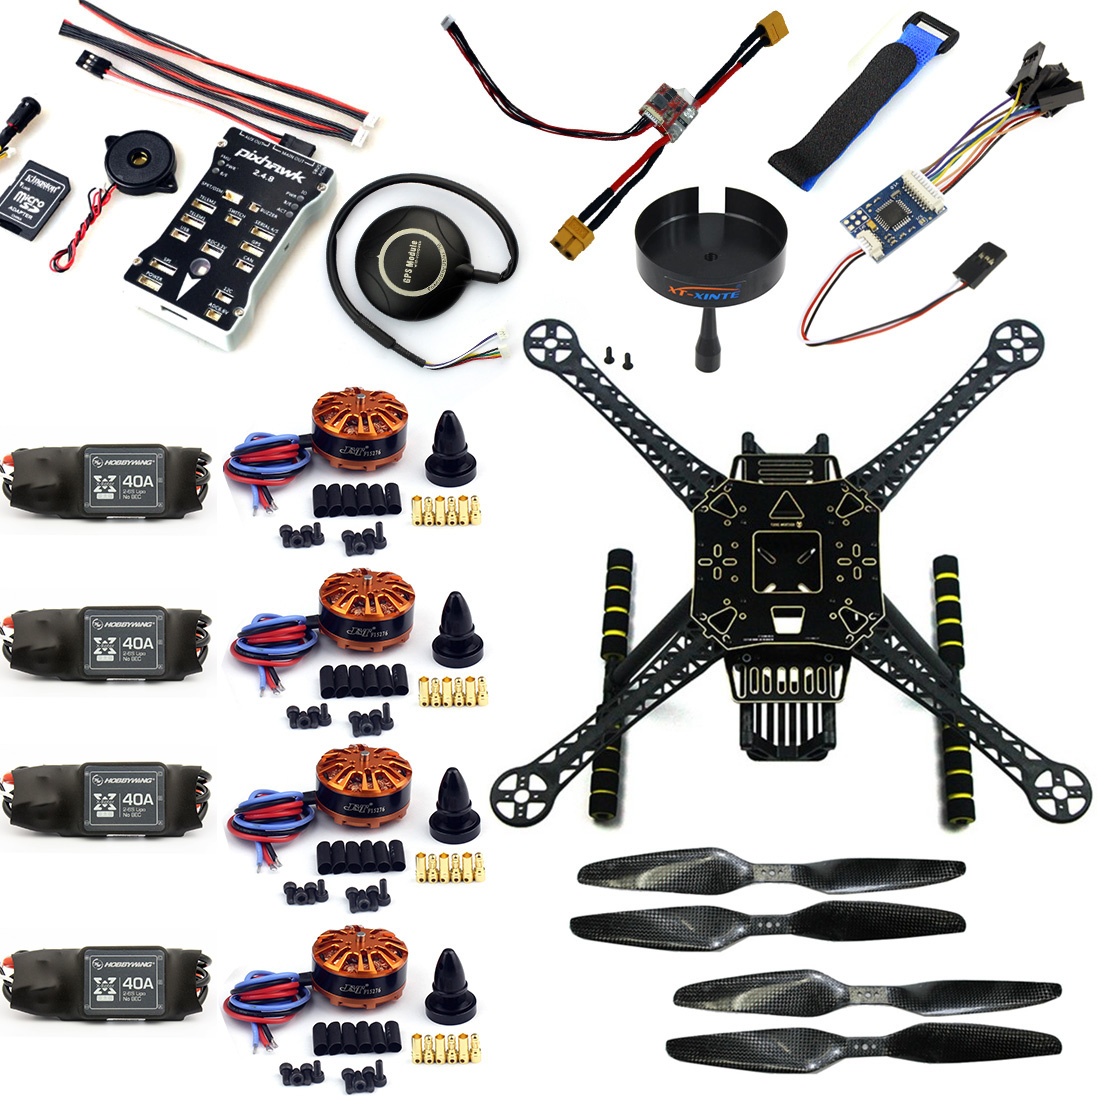 DIY RC Quadcopter FPV Avions S600 Drone Cadre Kit PX4 PIX Contrôleur de vol Intégrer Buzzer 700kv Moteur GPS Aucune TX RX F19457-A